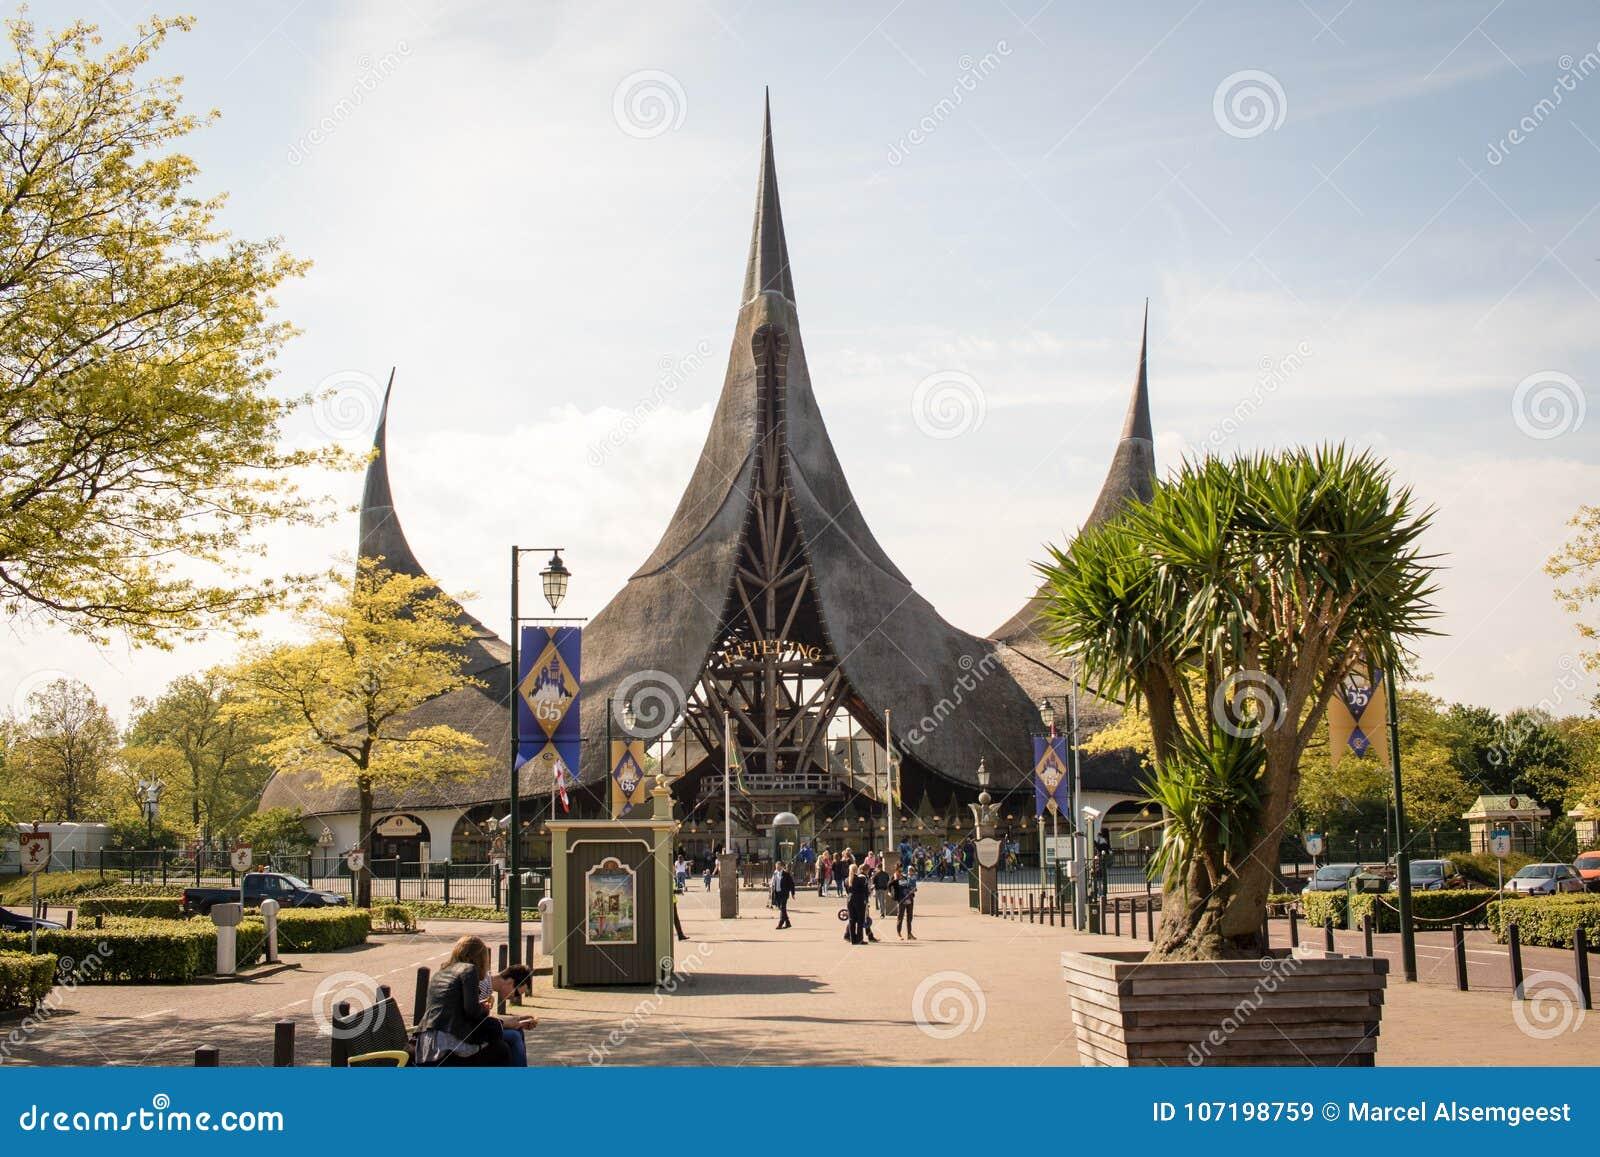 Ingang van themapark DE Efteling, Kaatsheuvel, Nederland, 11-05-2017